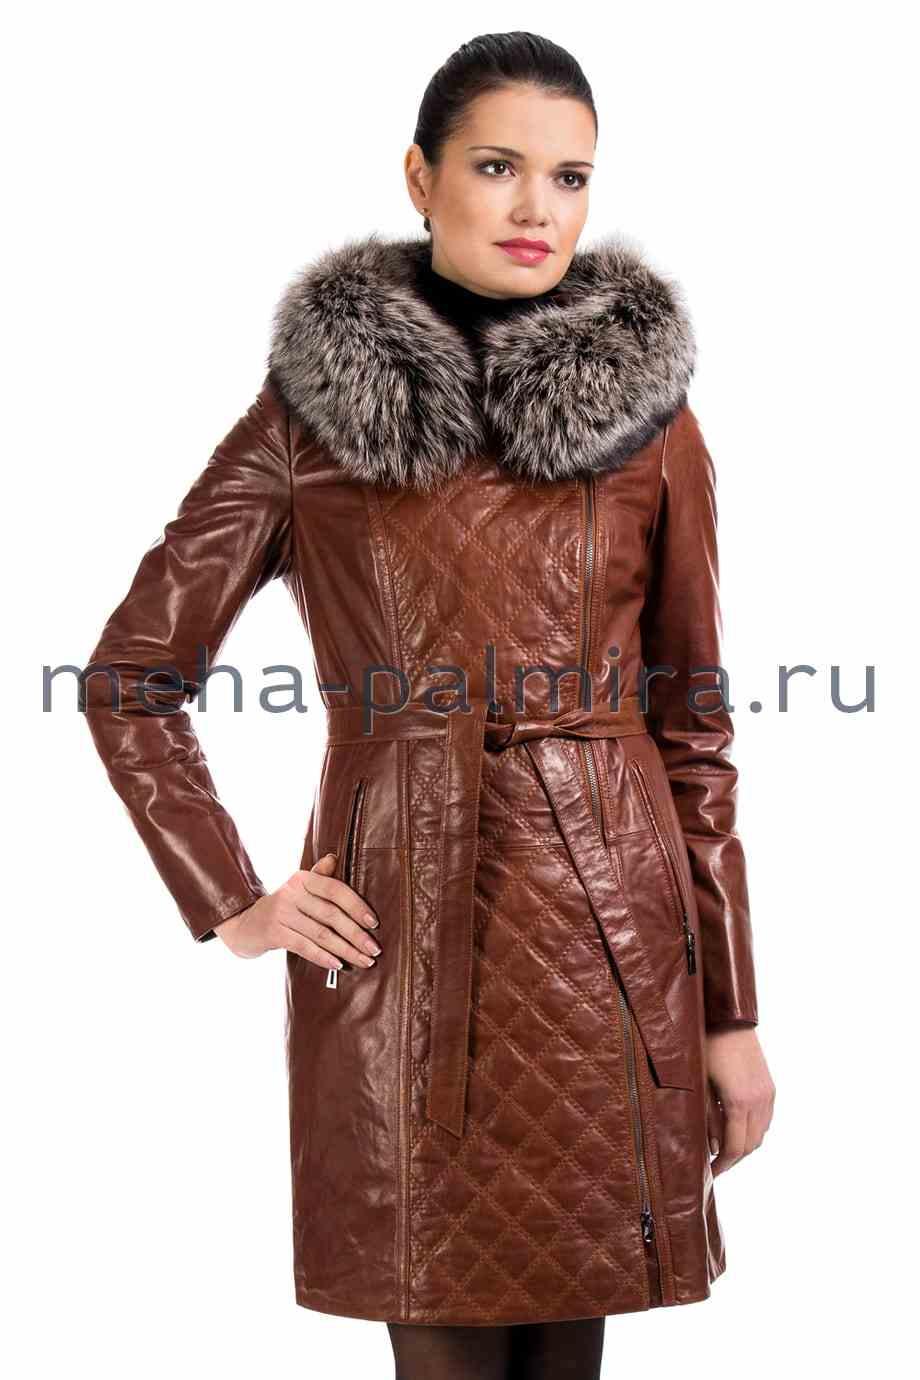 Кожаный плащ на молнии с капюшоном, отделка - мех, коричневый